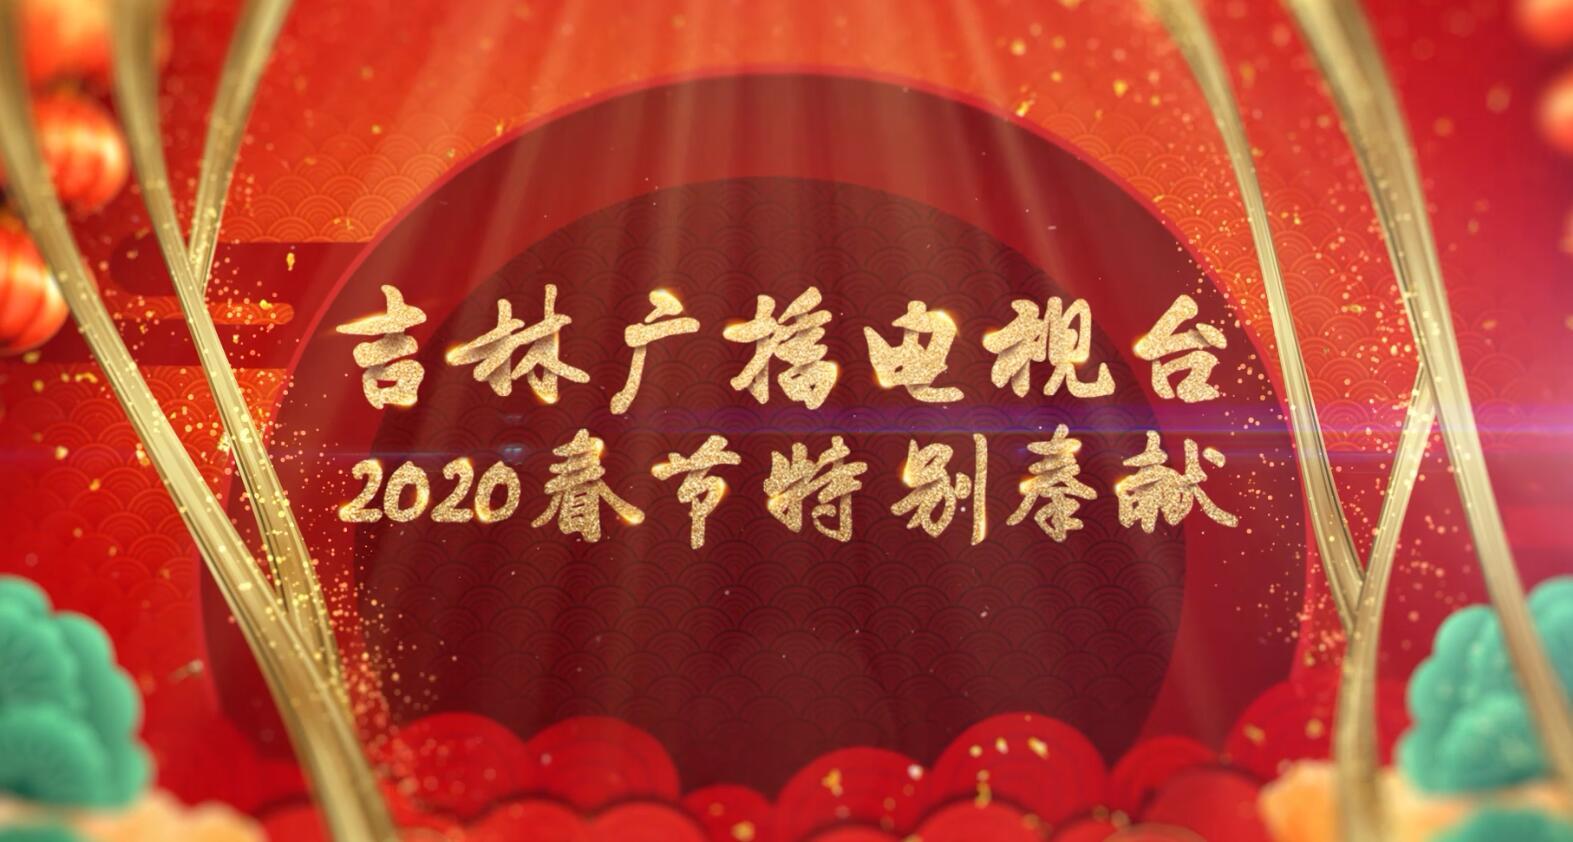 吉林广播电视台2020春节特别奉献